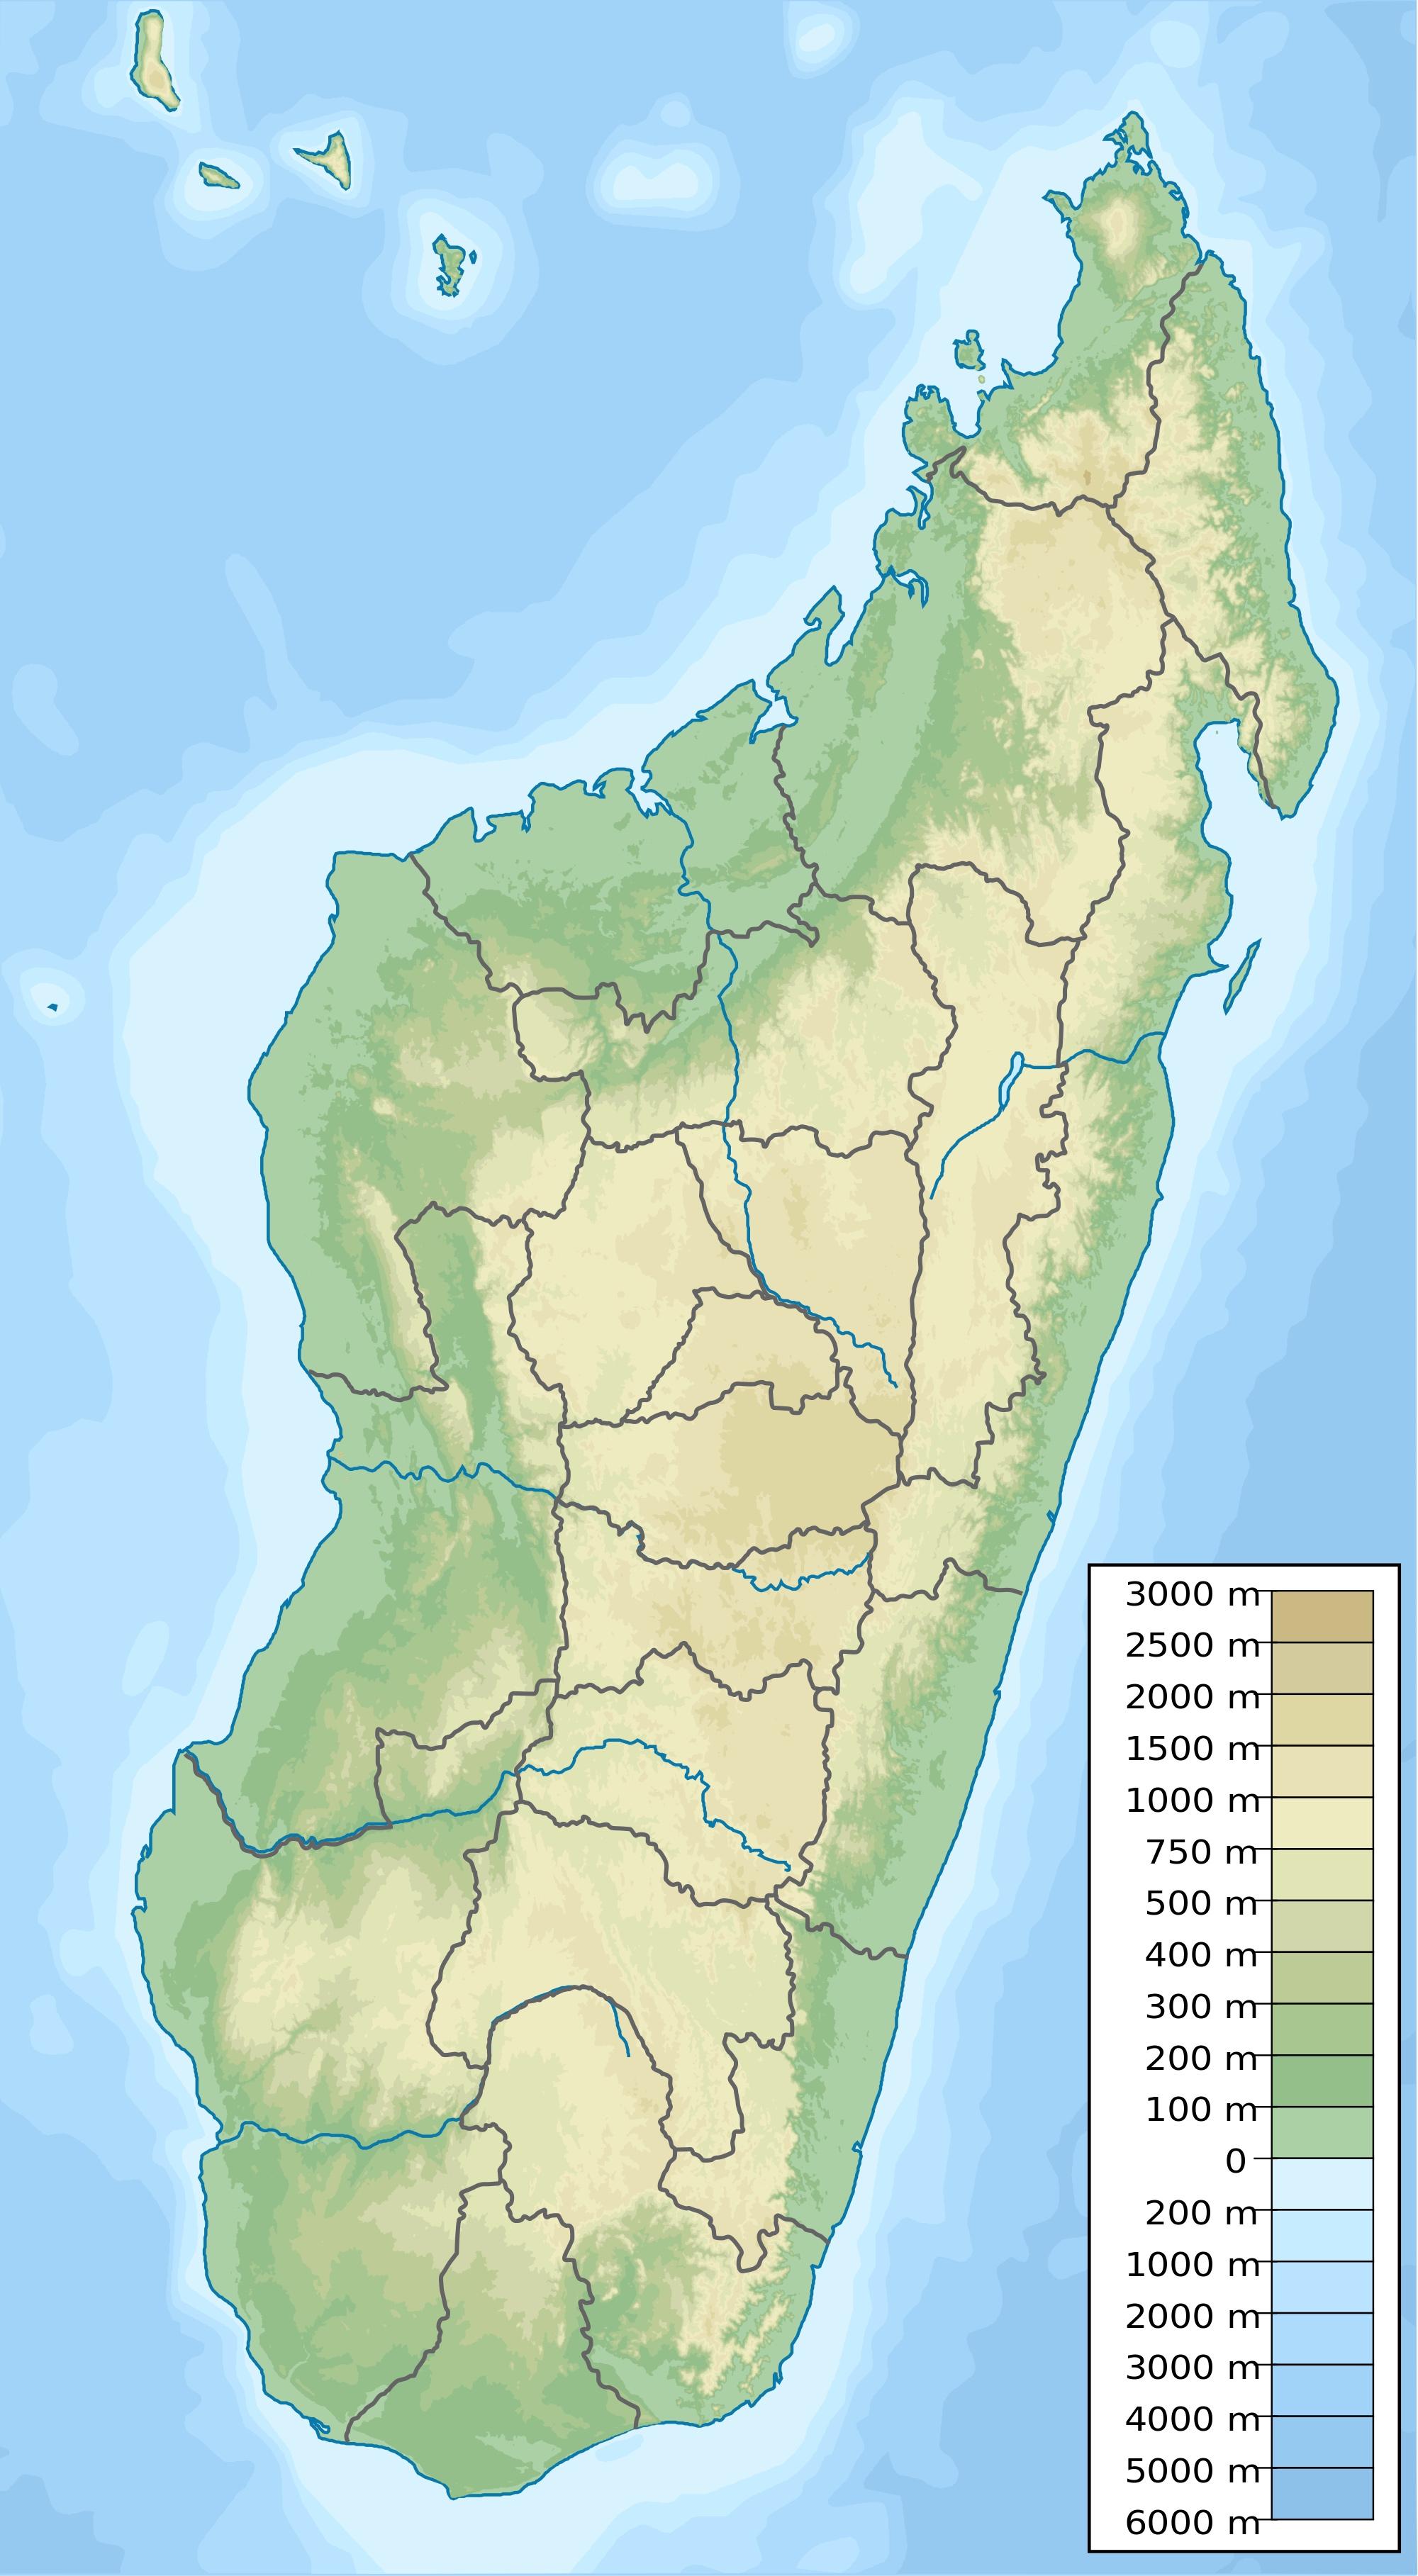 Carte Topographique De Madagascar.Madagascar Topographique Carte Populationdata Net